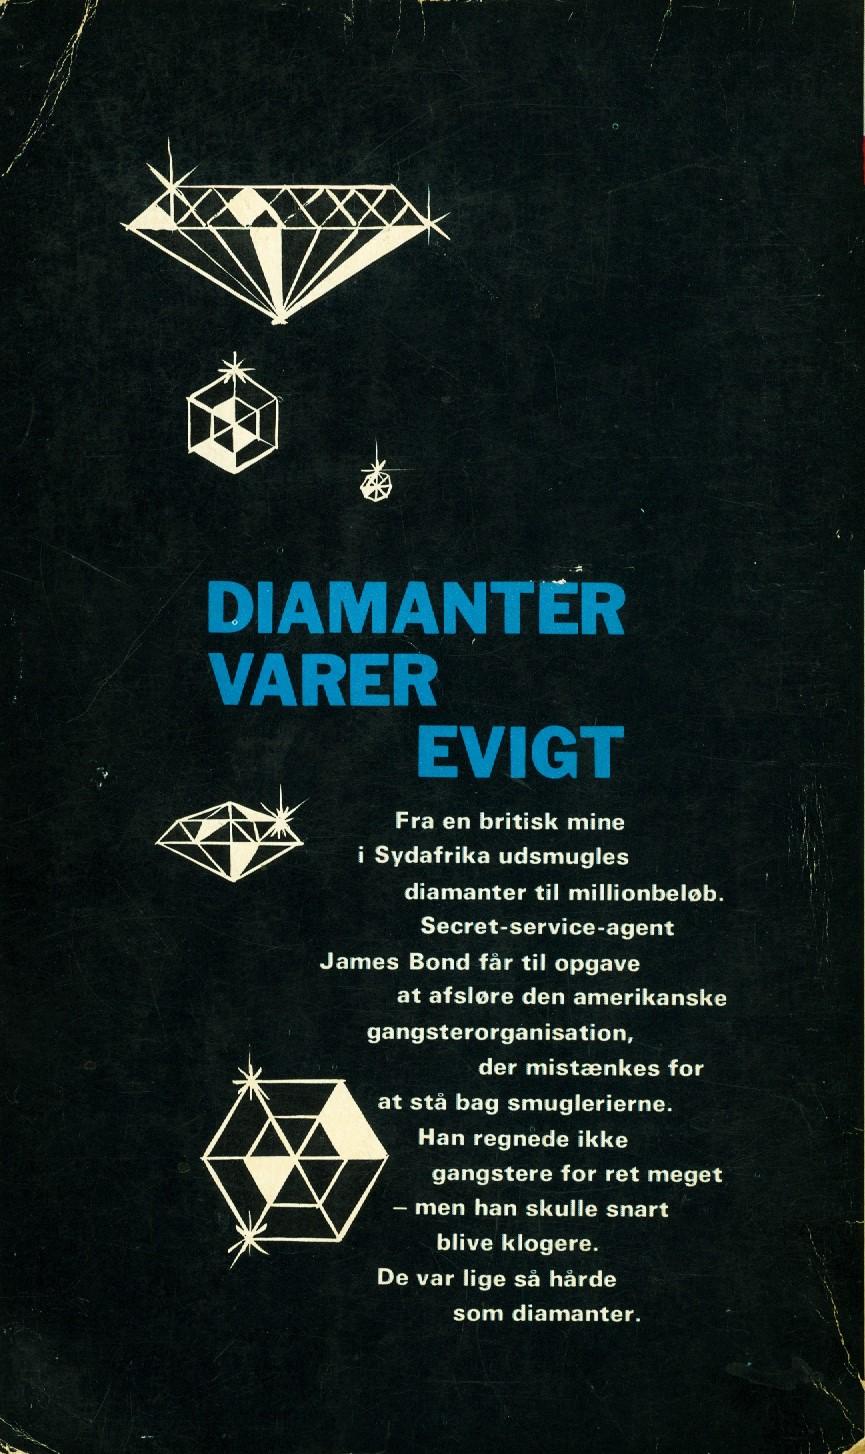 Diamanter varer evigt 1963 bagside